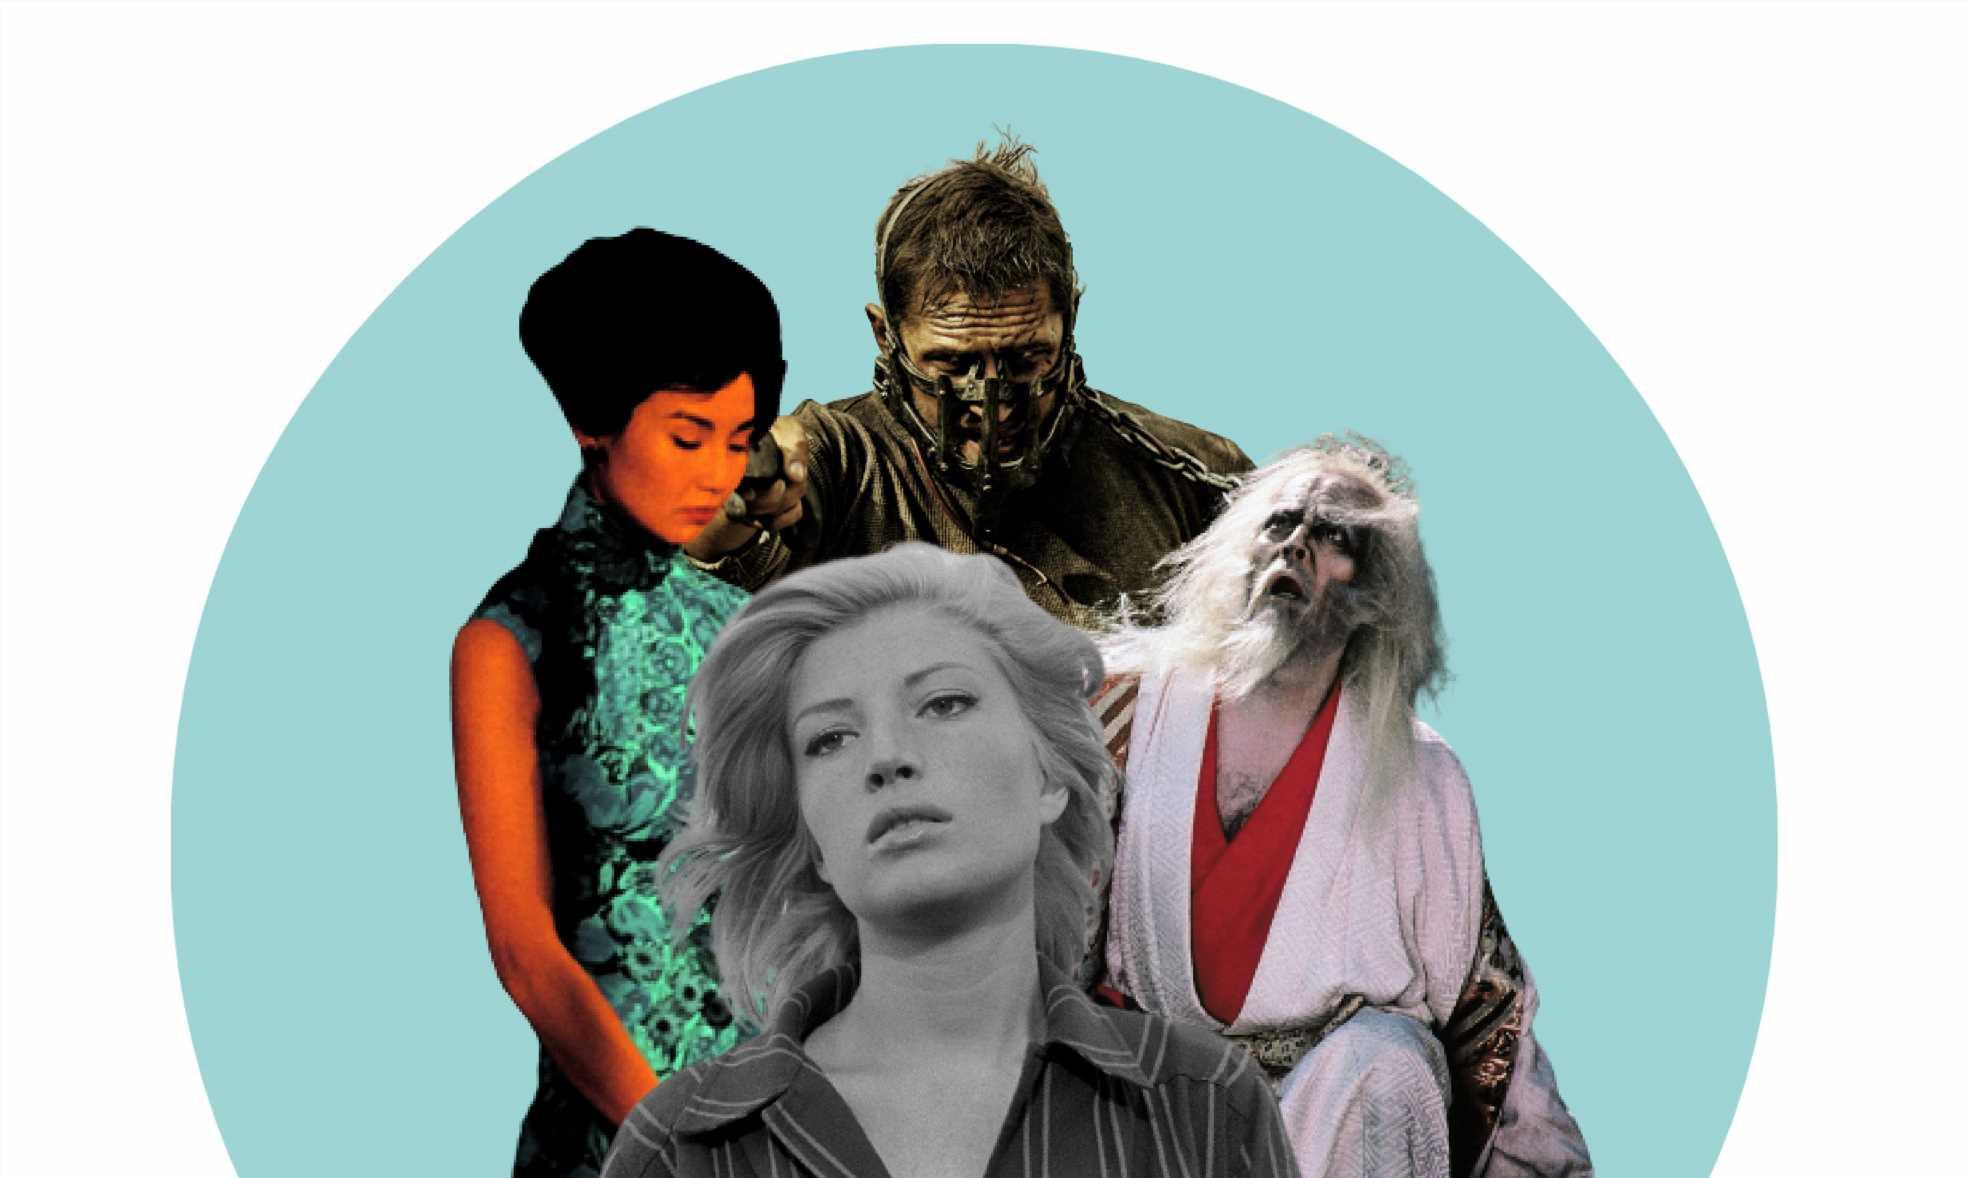 21 escenas de películas visualmente increíbles que nos emocionan